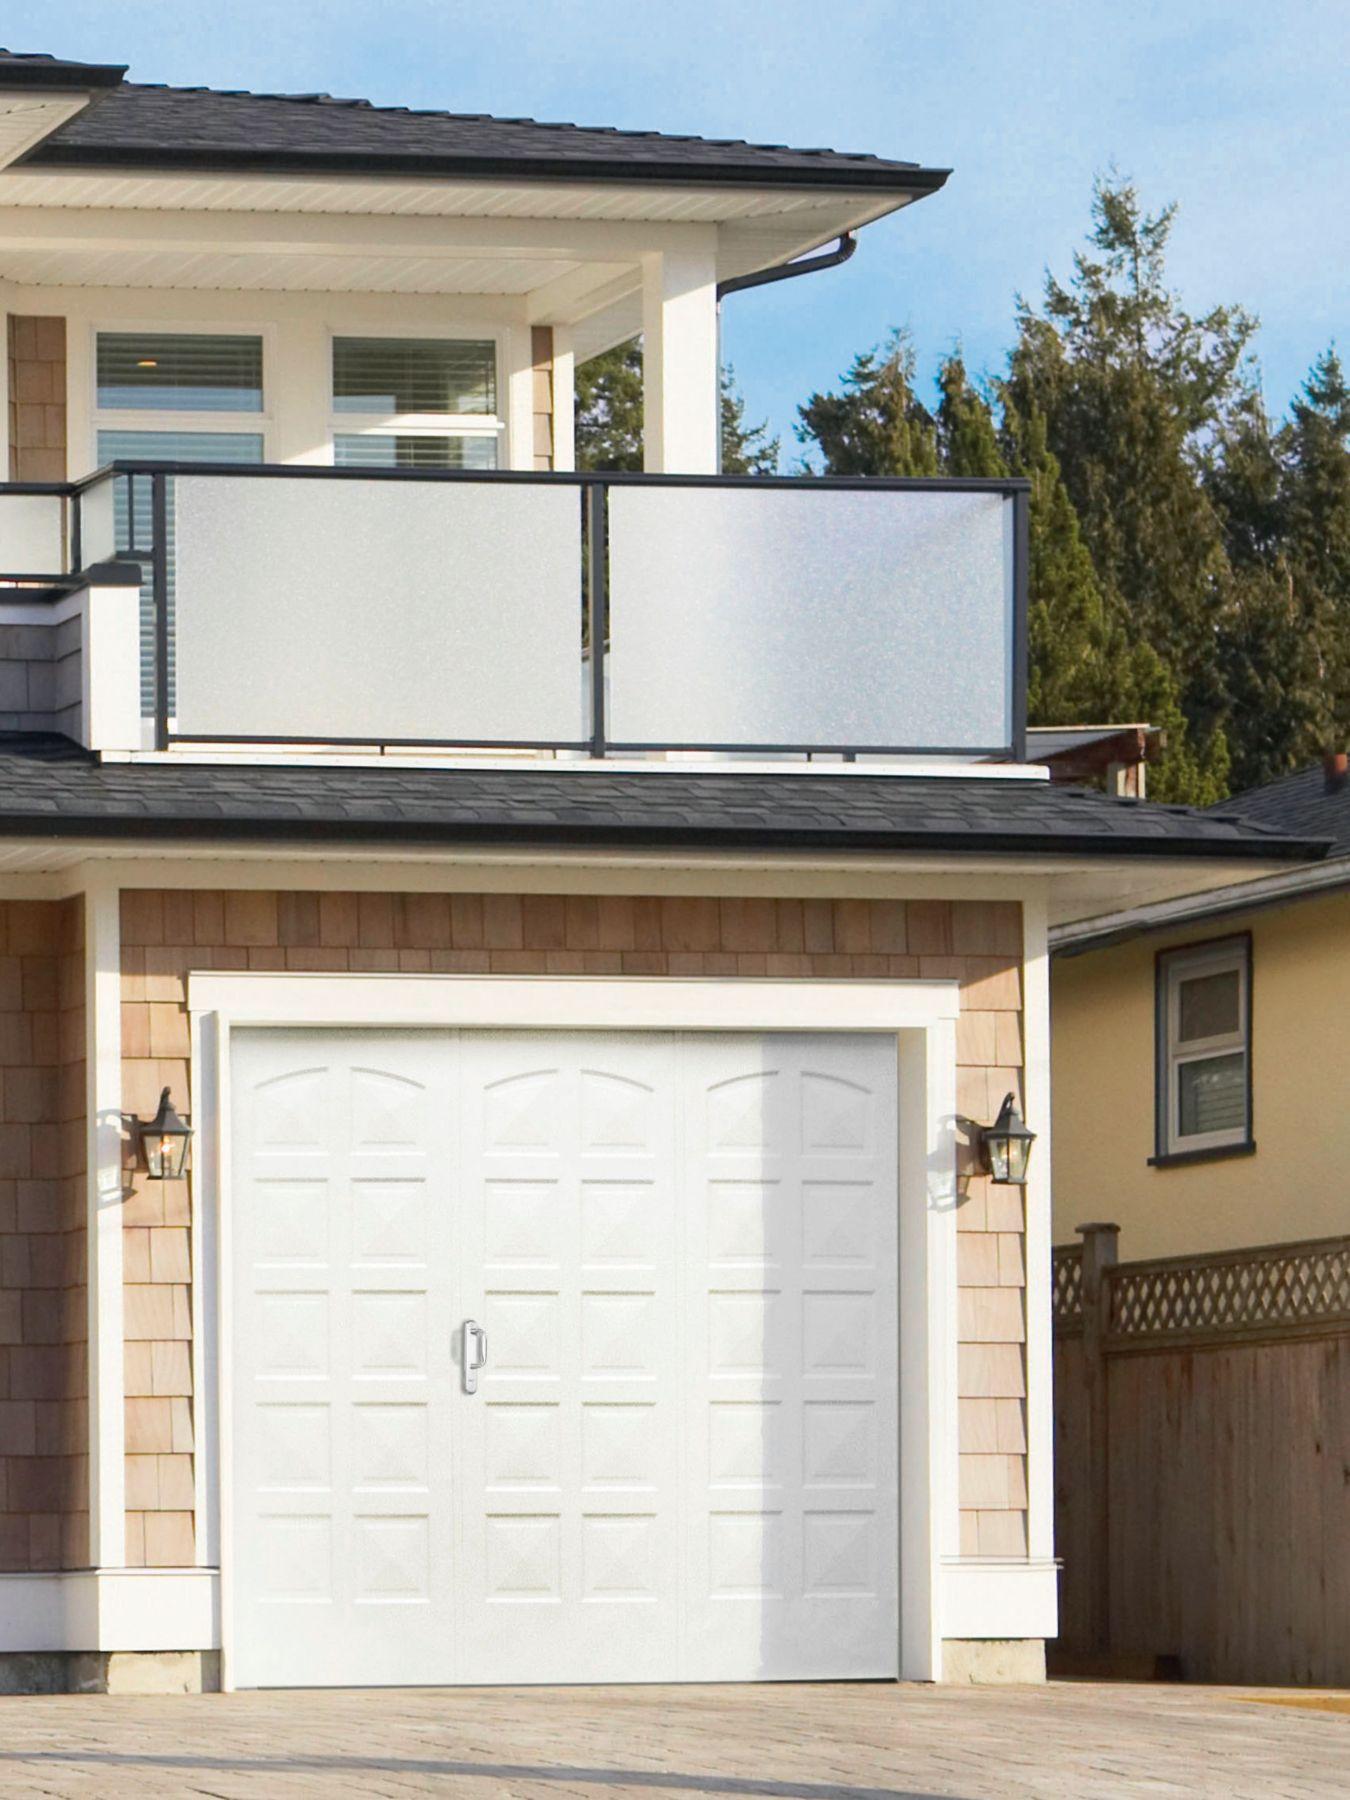 Aberturas puertas y ventanas interior y exterior for Aberturas pvc simil madera precios